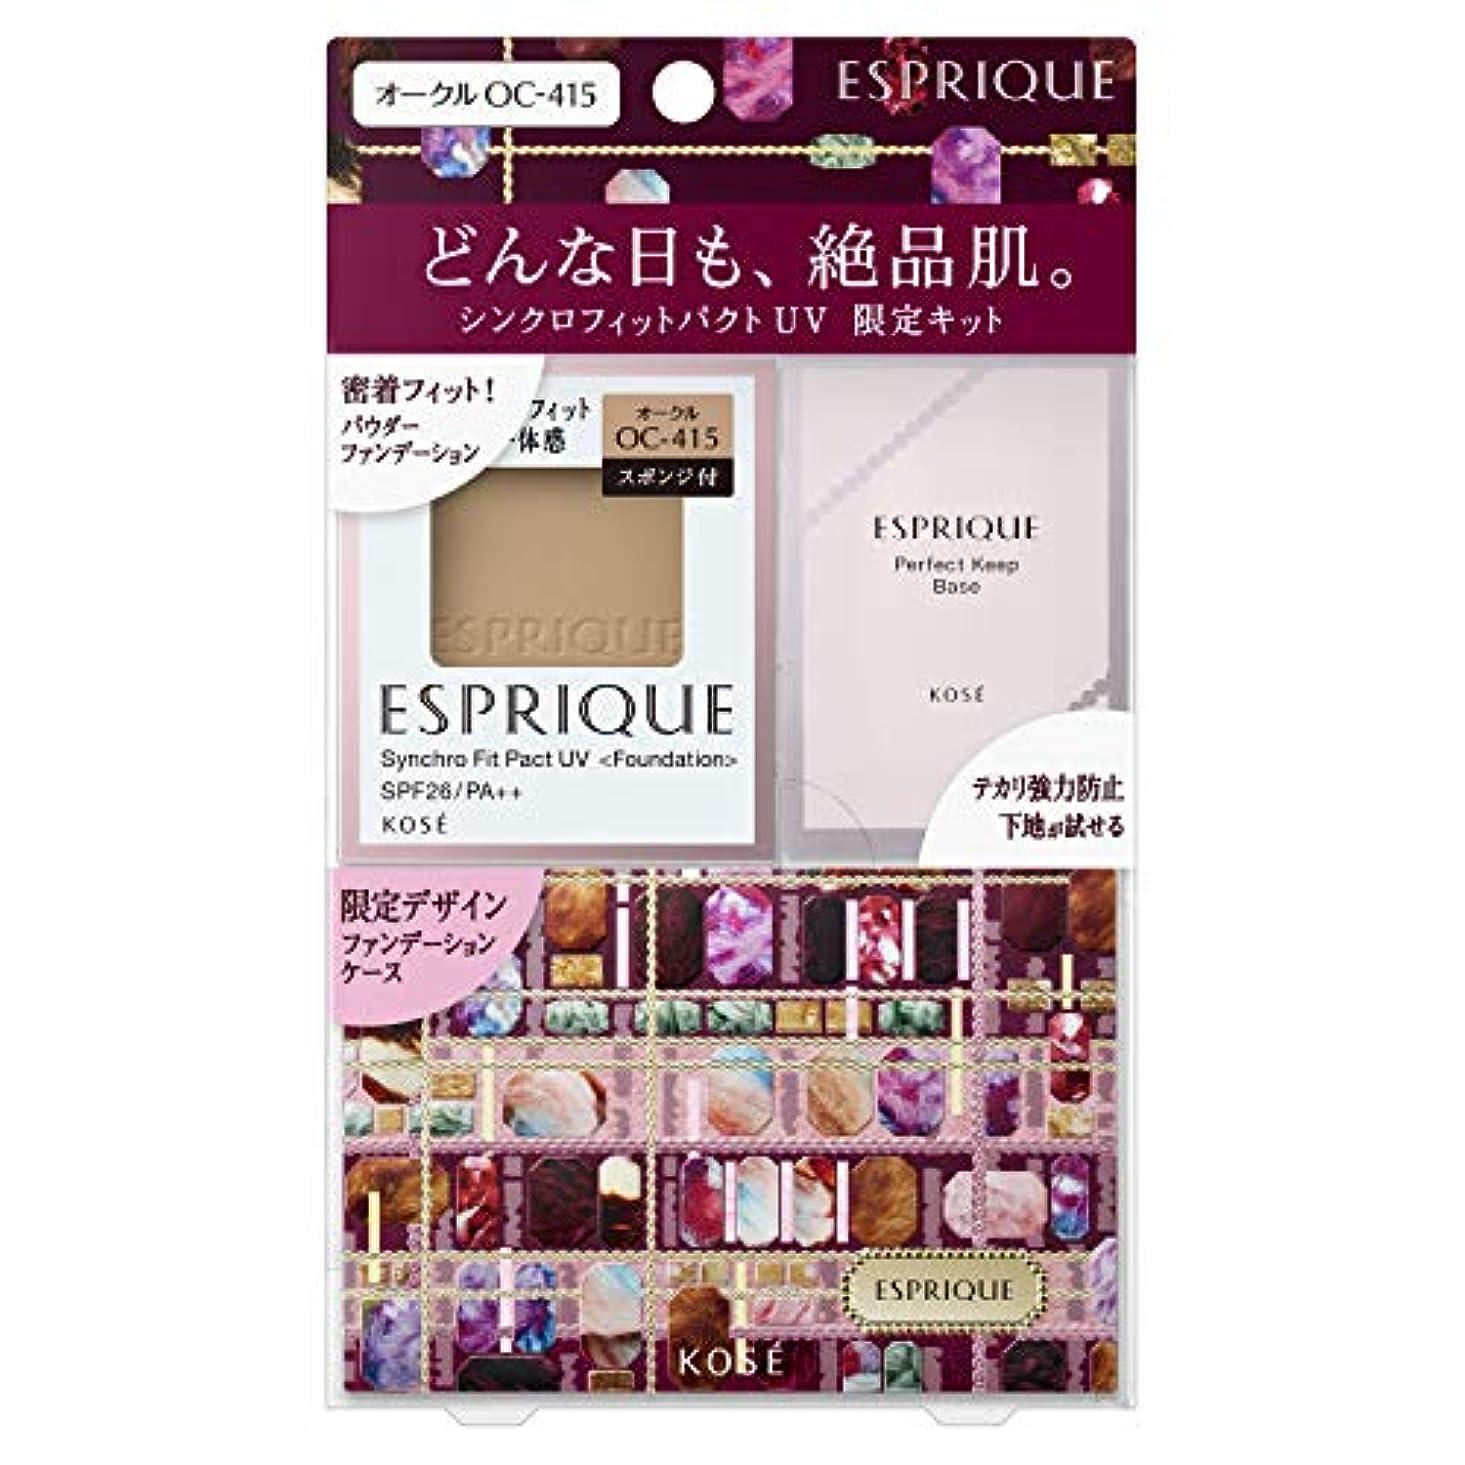 圧縮する寝室発生ESPRIQUE(エスプリーク) エスプリーク シンクロフィット パクト UV 限定キット 2 ファンデーション OC-415 オークル セット 9.3g+0.6g+ケース付き